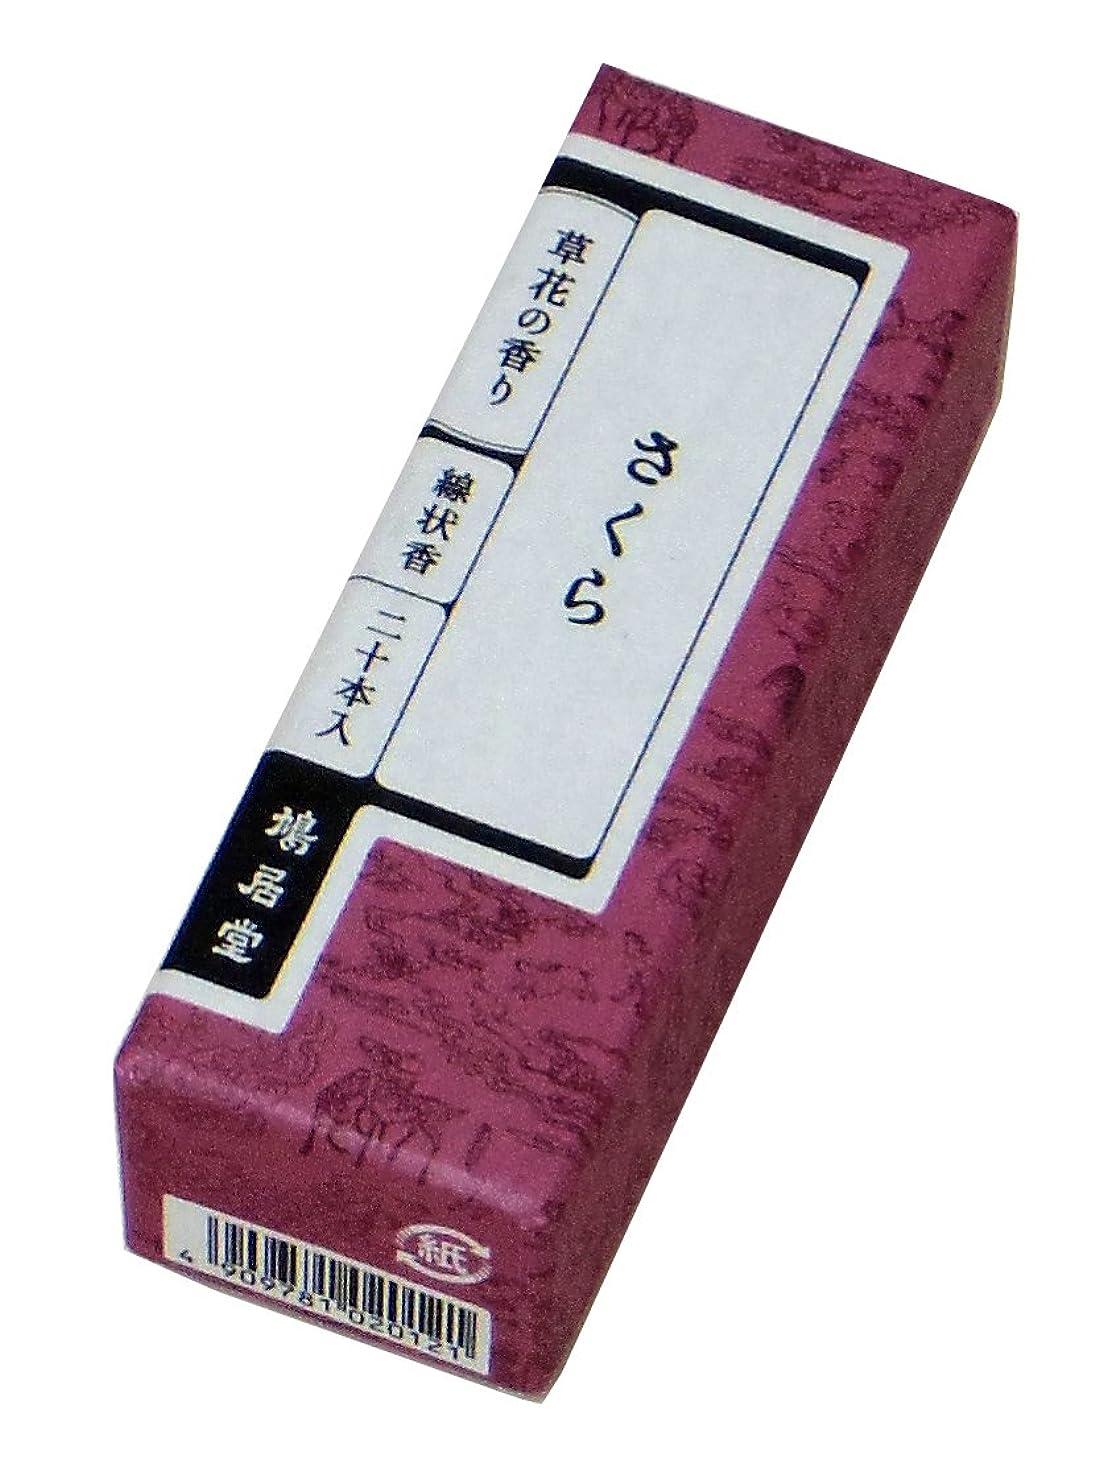 コテージコンサルタント有用鳩居堂のお香 草花の香り さくら 20本入 6cm